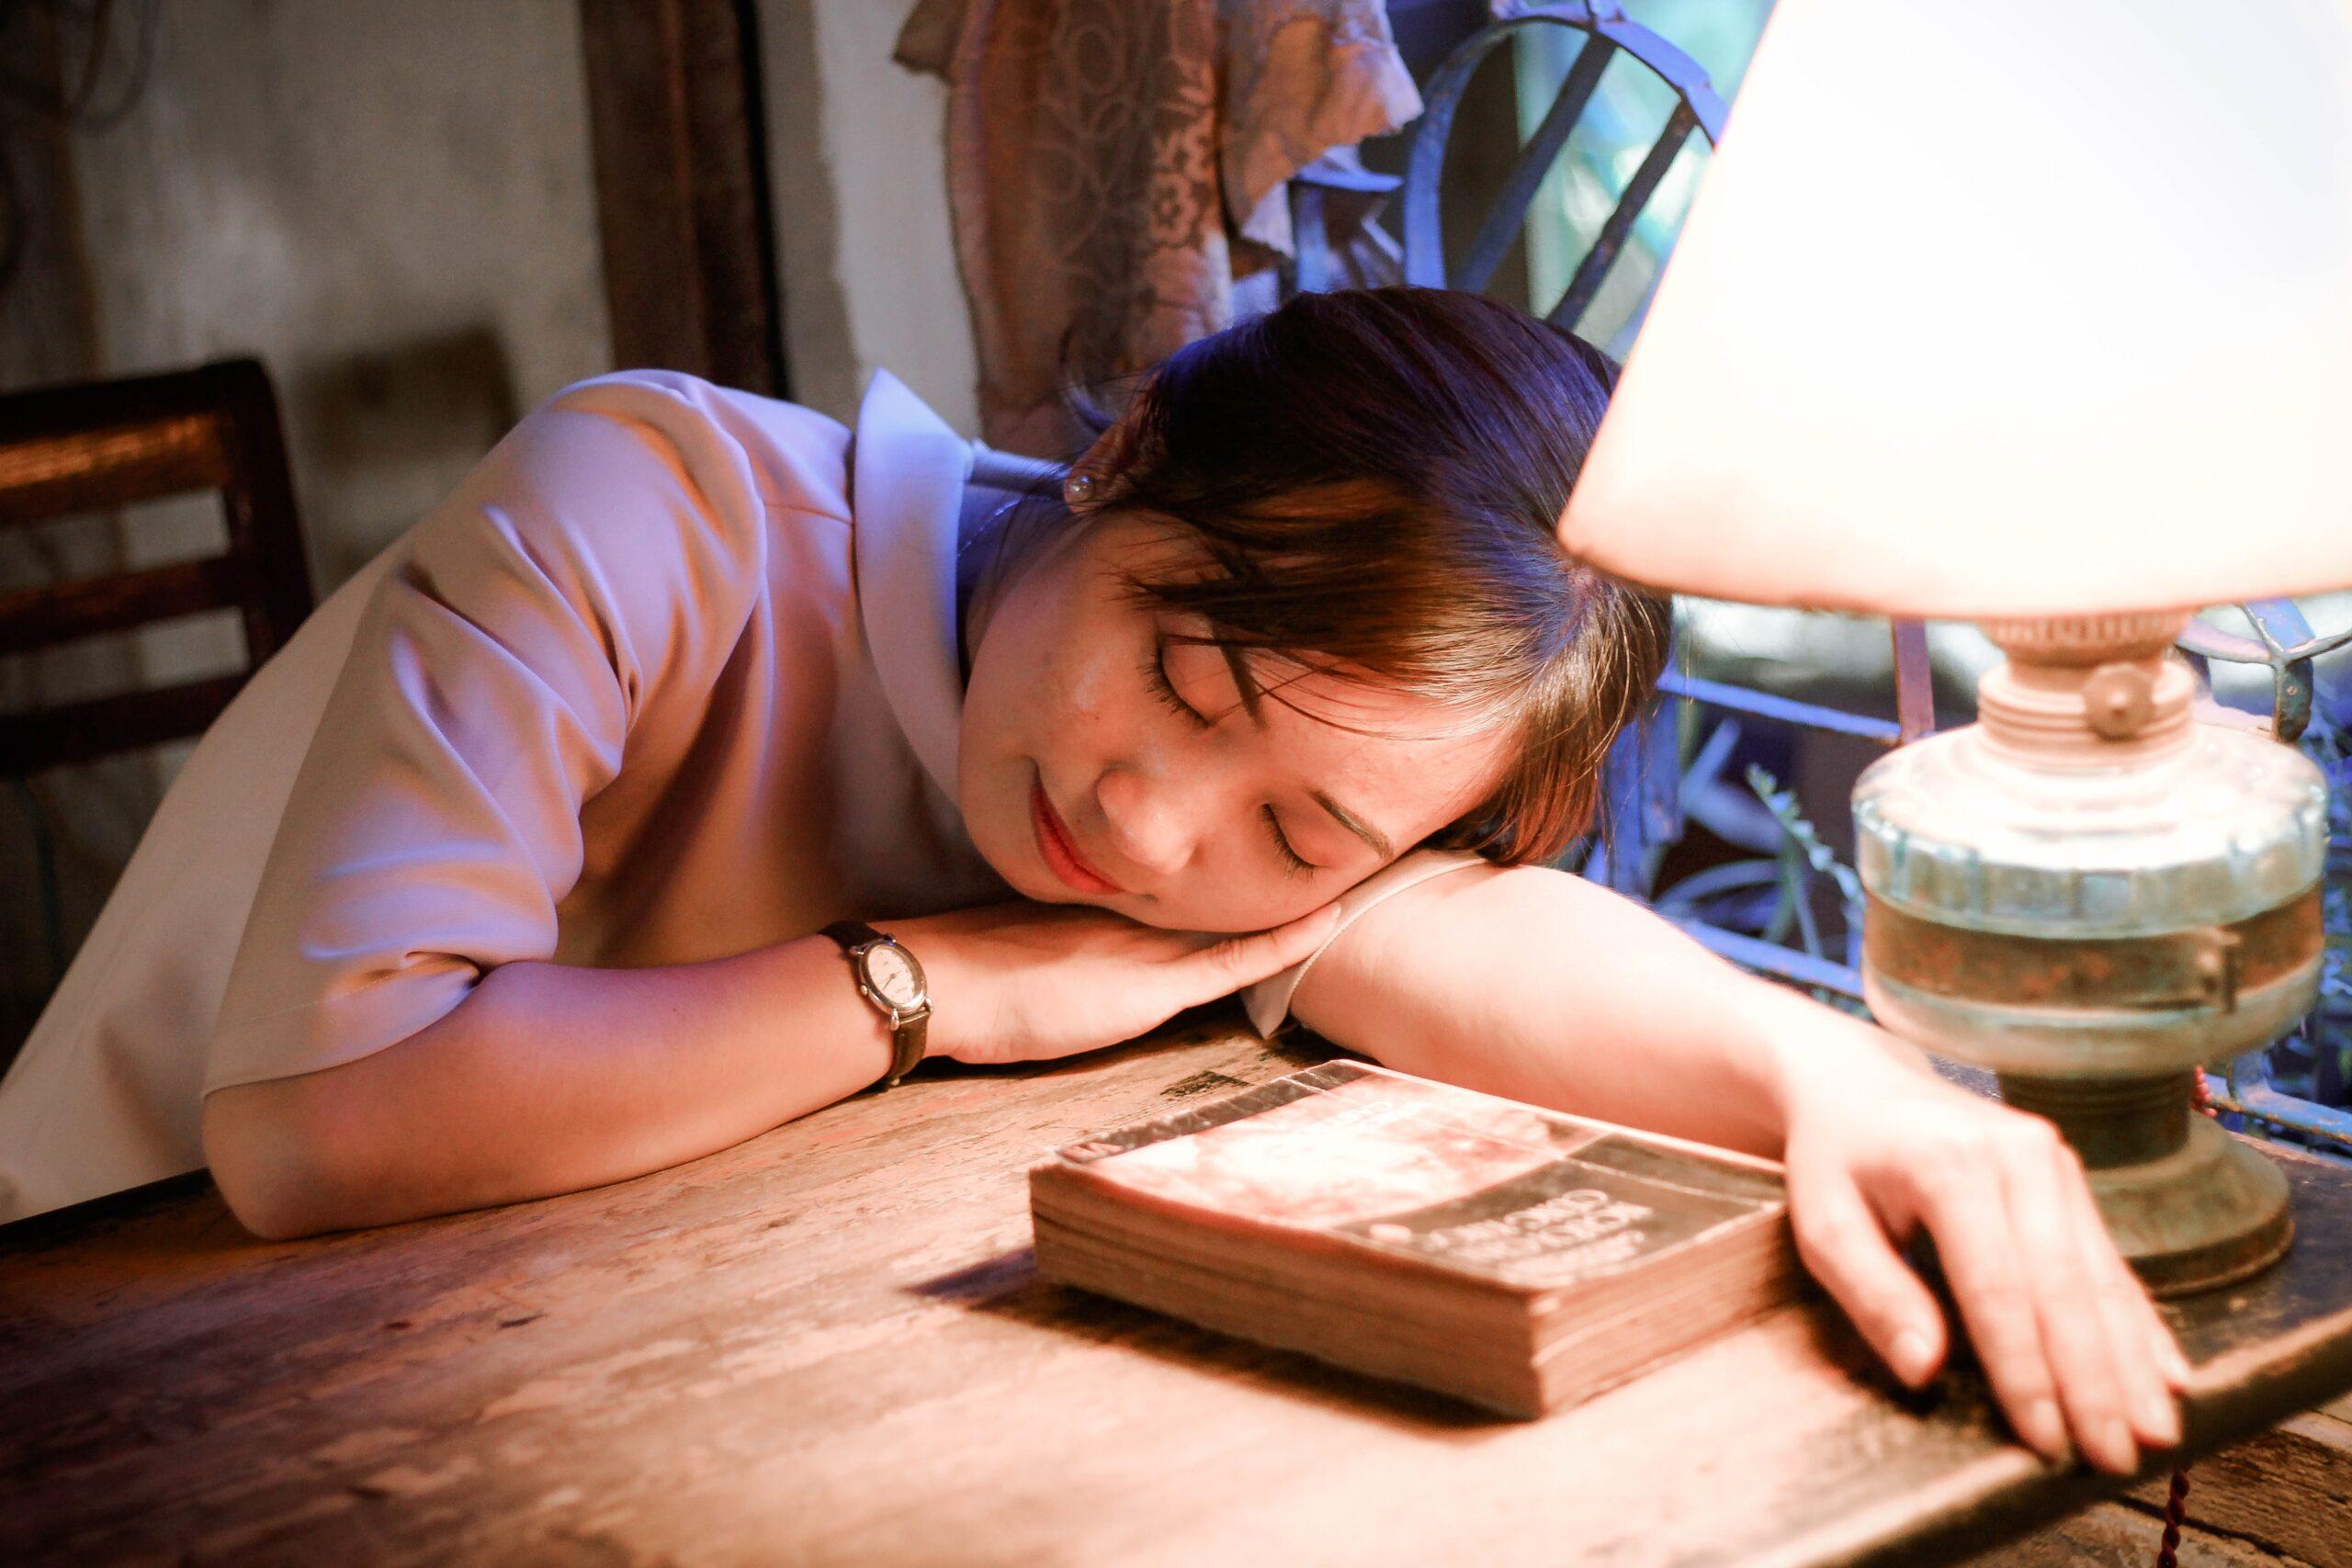 पर्याप्त नींद न ले तो बाद में हो सकती है मानसिक समस्या